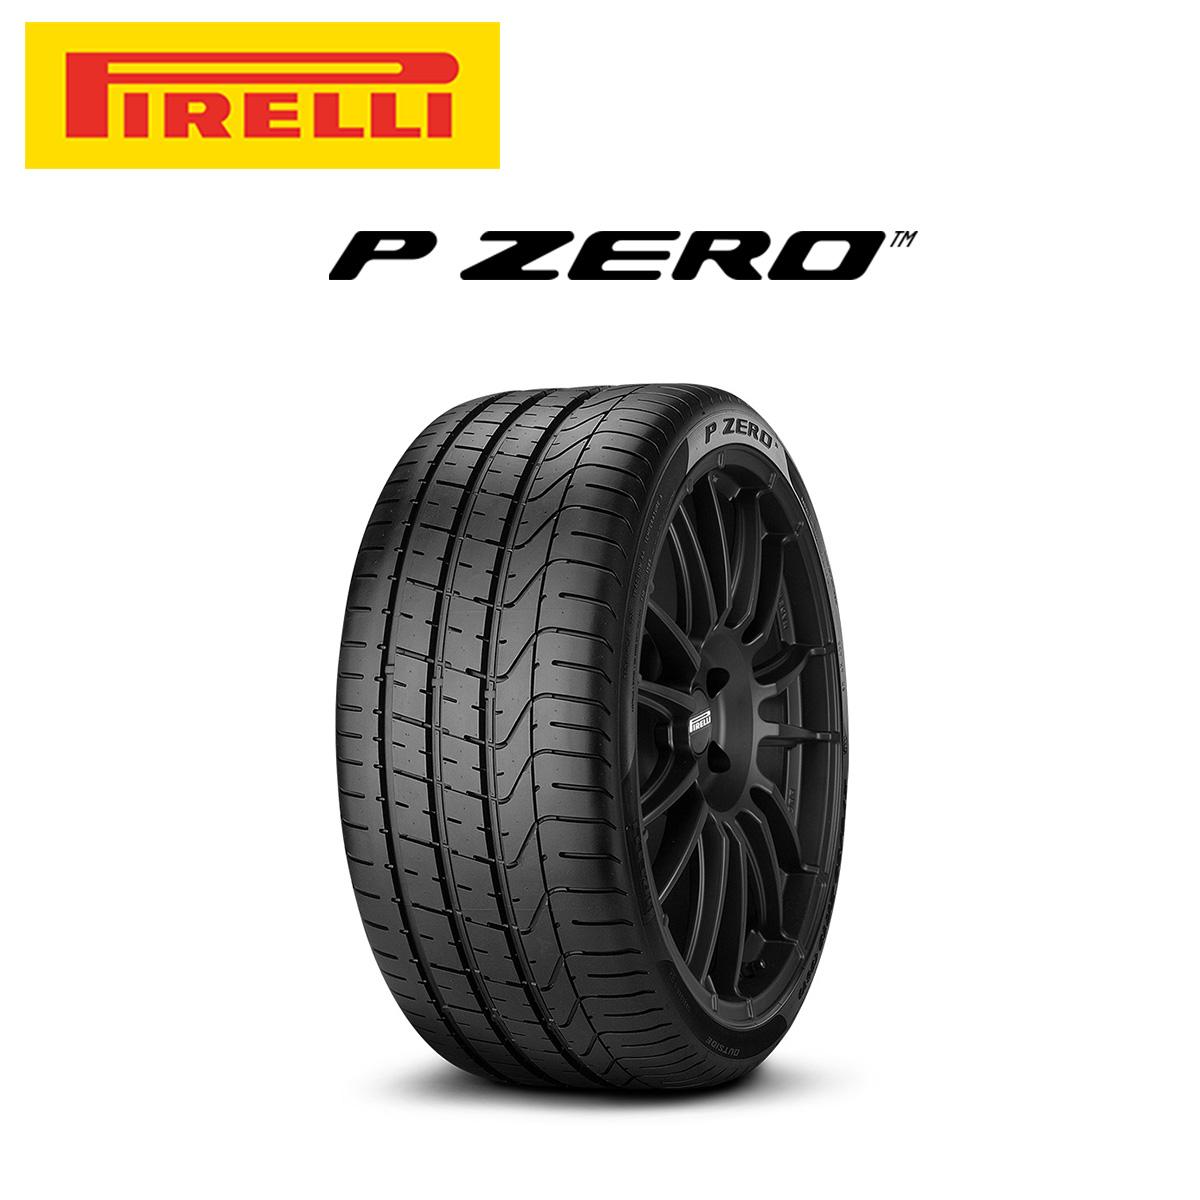 ピレリ PIRELLI P ZERO ピーゼロ 20インチ サマー タイヤ 4本 セット 275/40ZR20 106Y XL 1791600